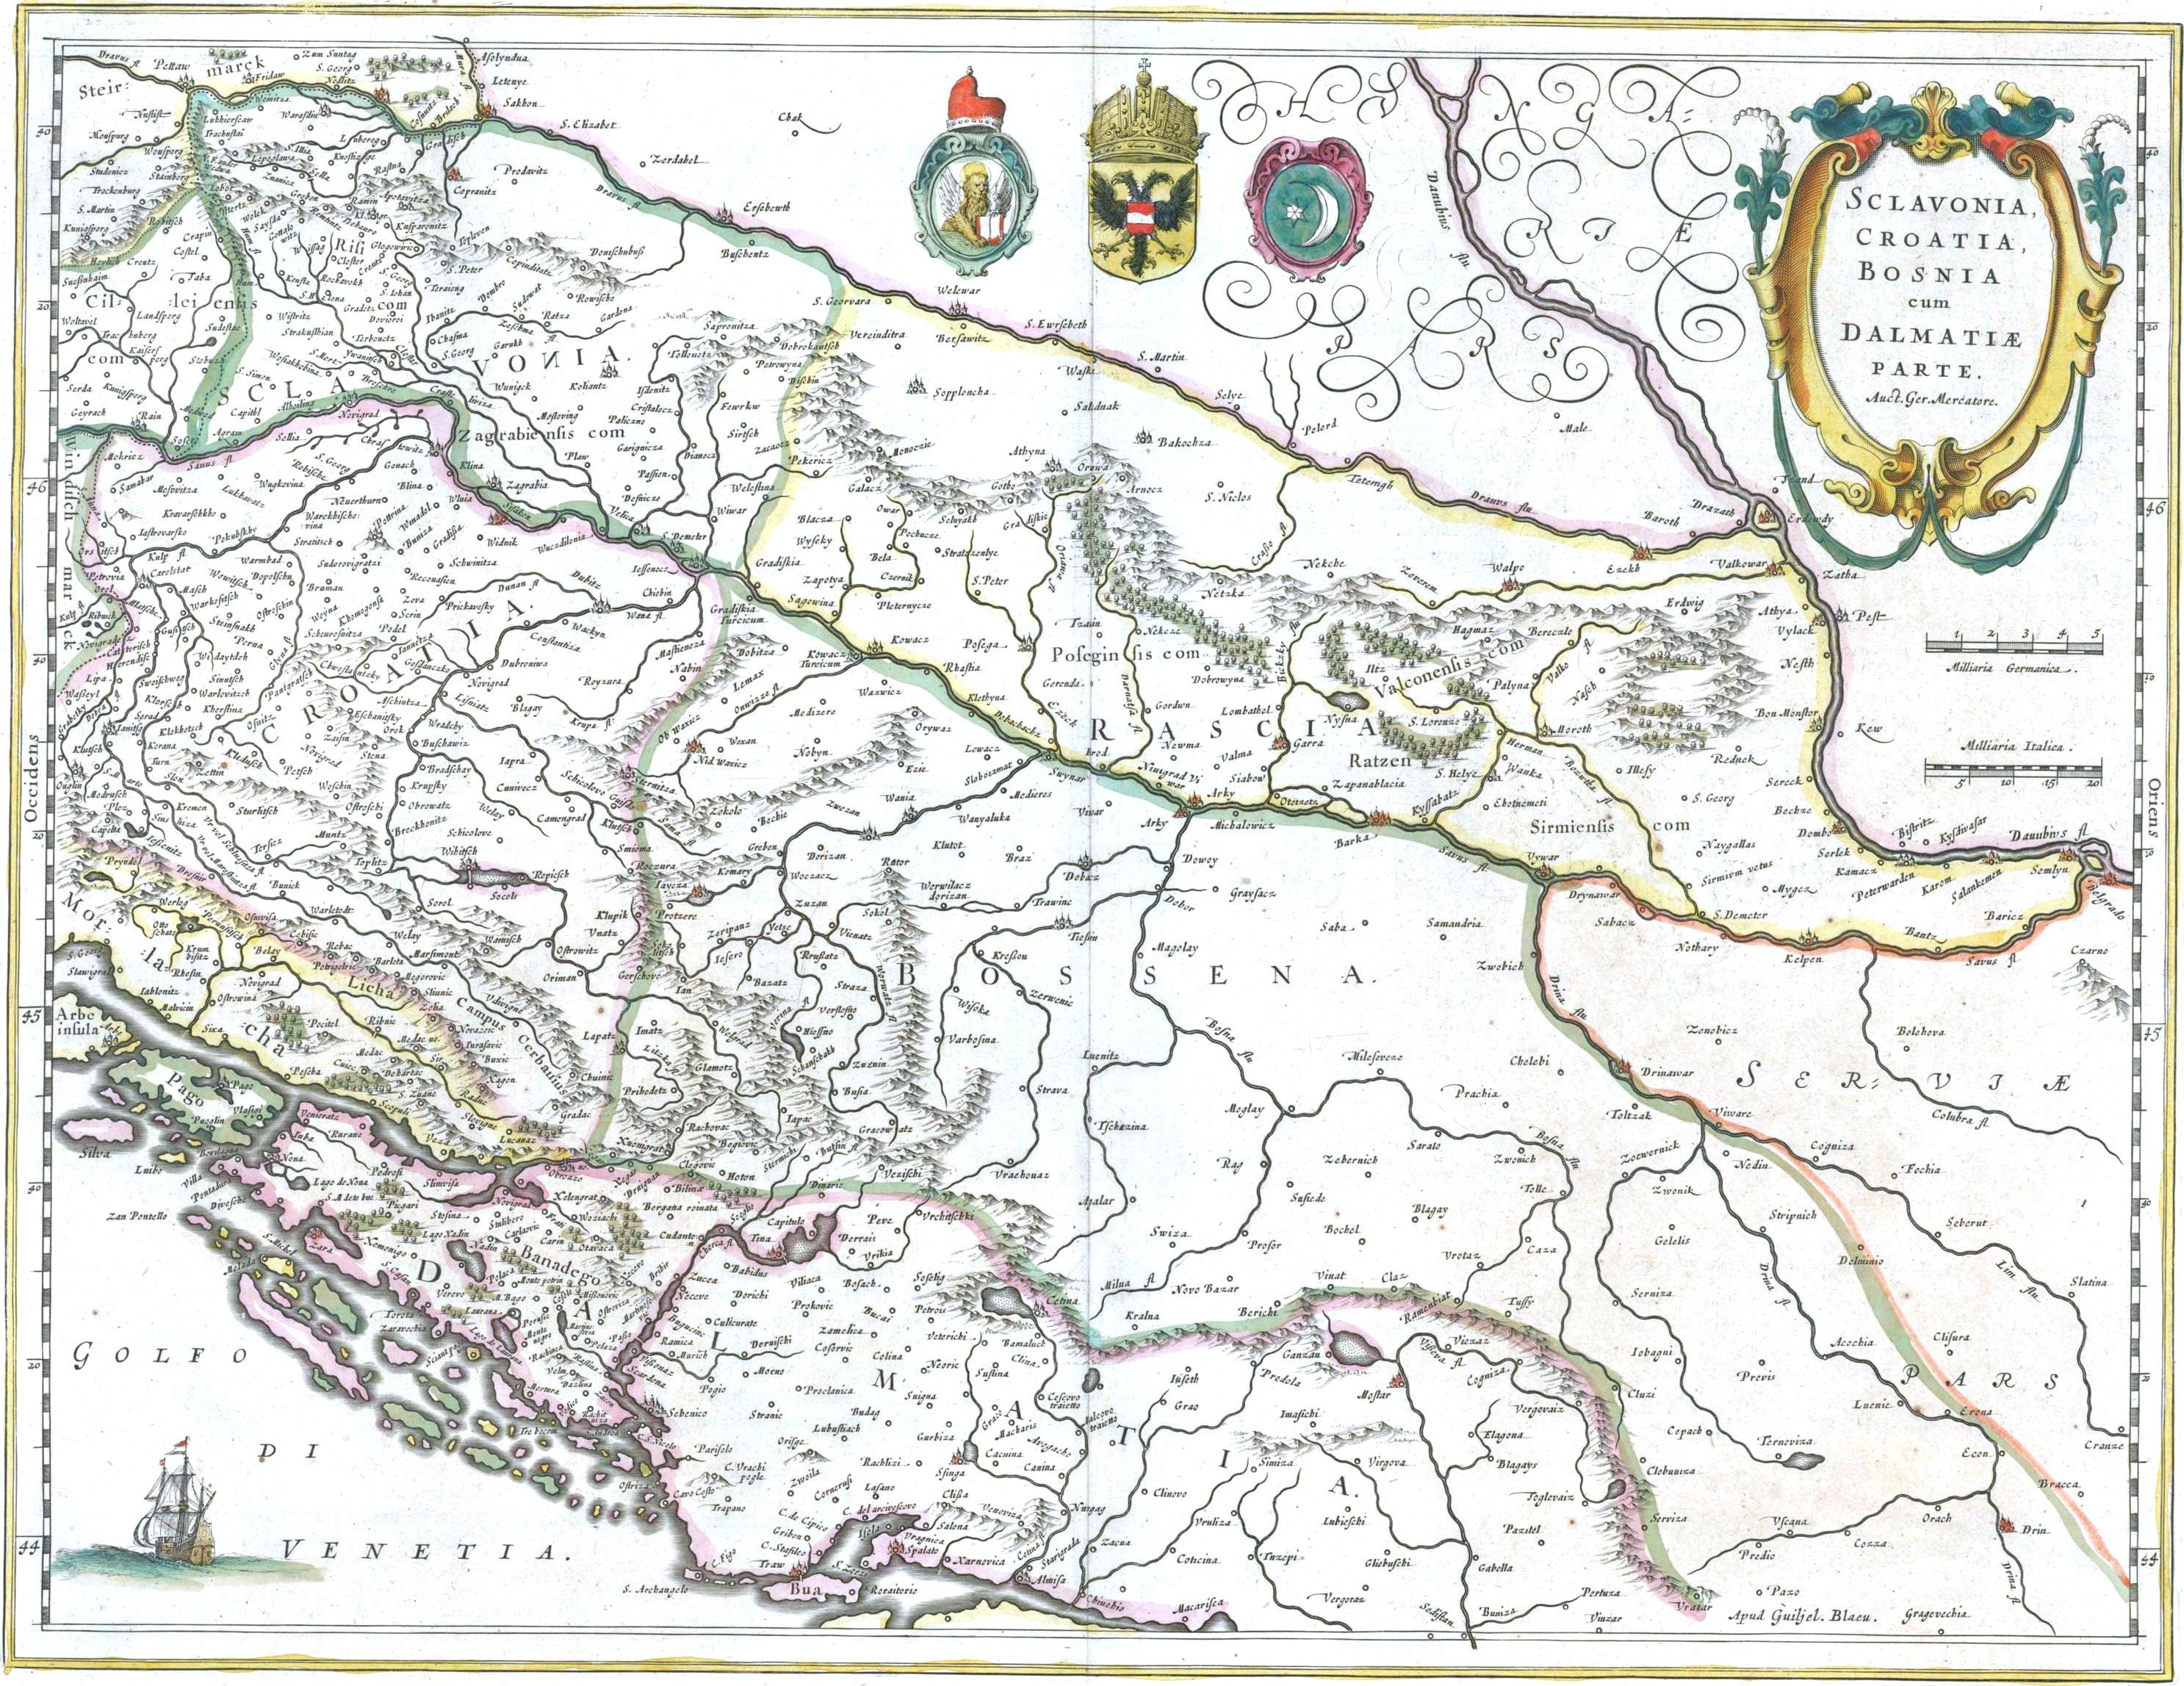 Blaeu_1645_-_Sclavonia_Croatia_Bosnia_cu